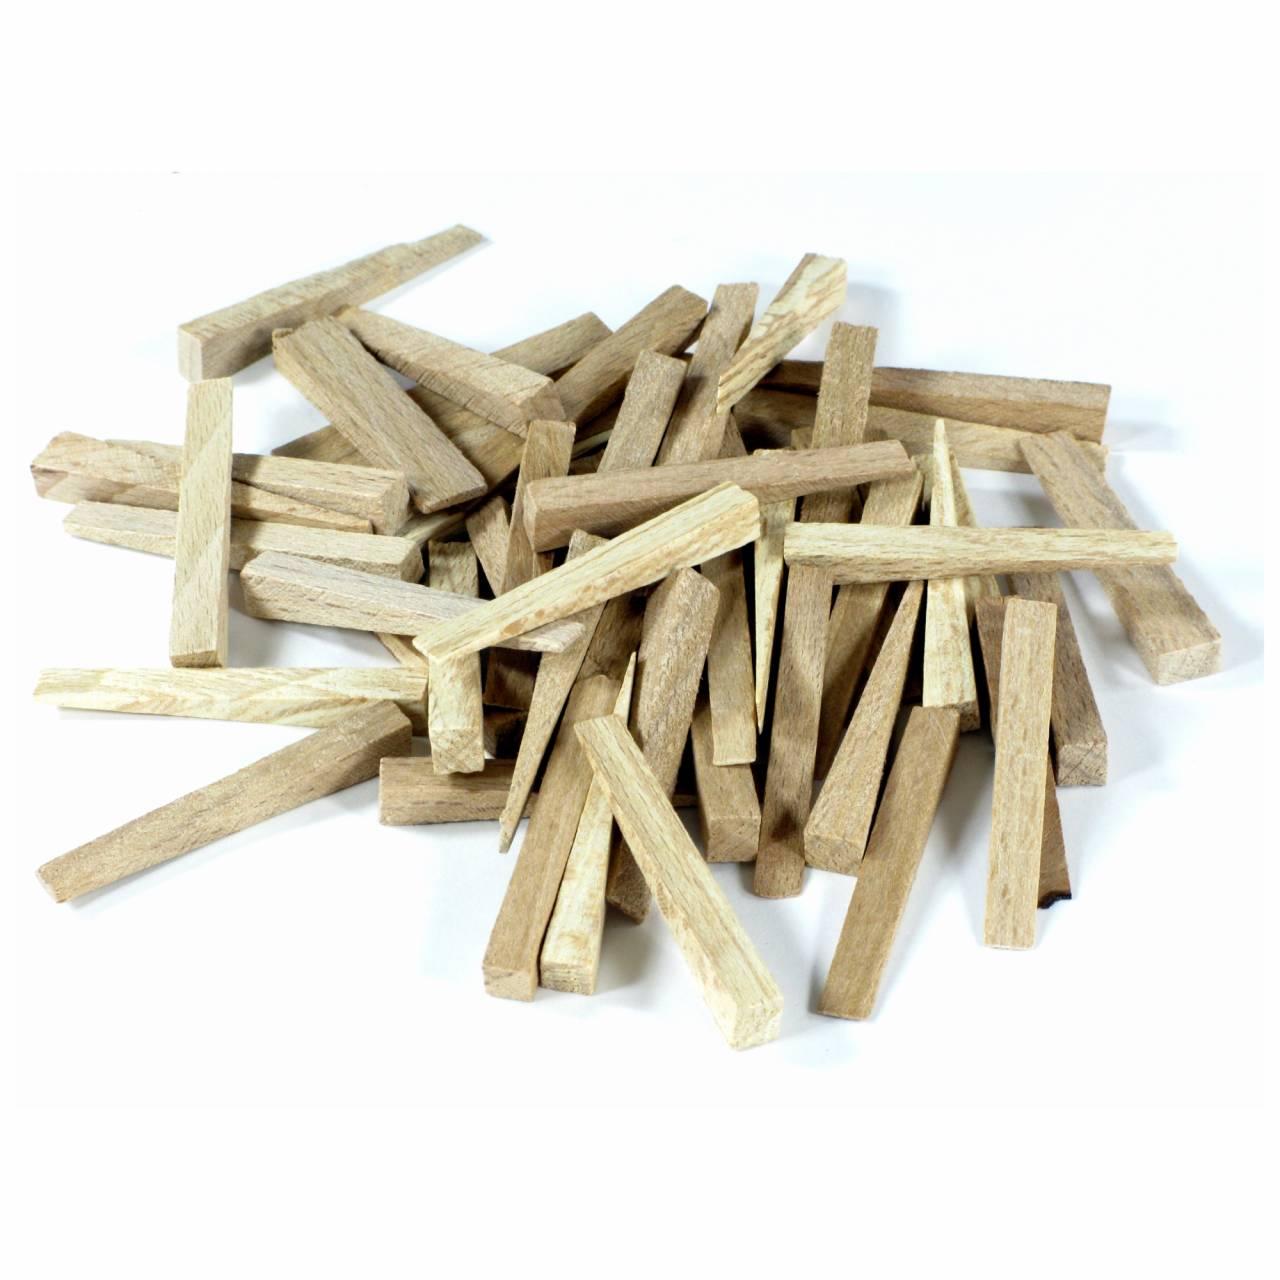 Fliesenkeile Holz 54,0 x 7,0 x 0,0-8,0 mm / Btl a 1000 Stück